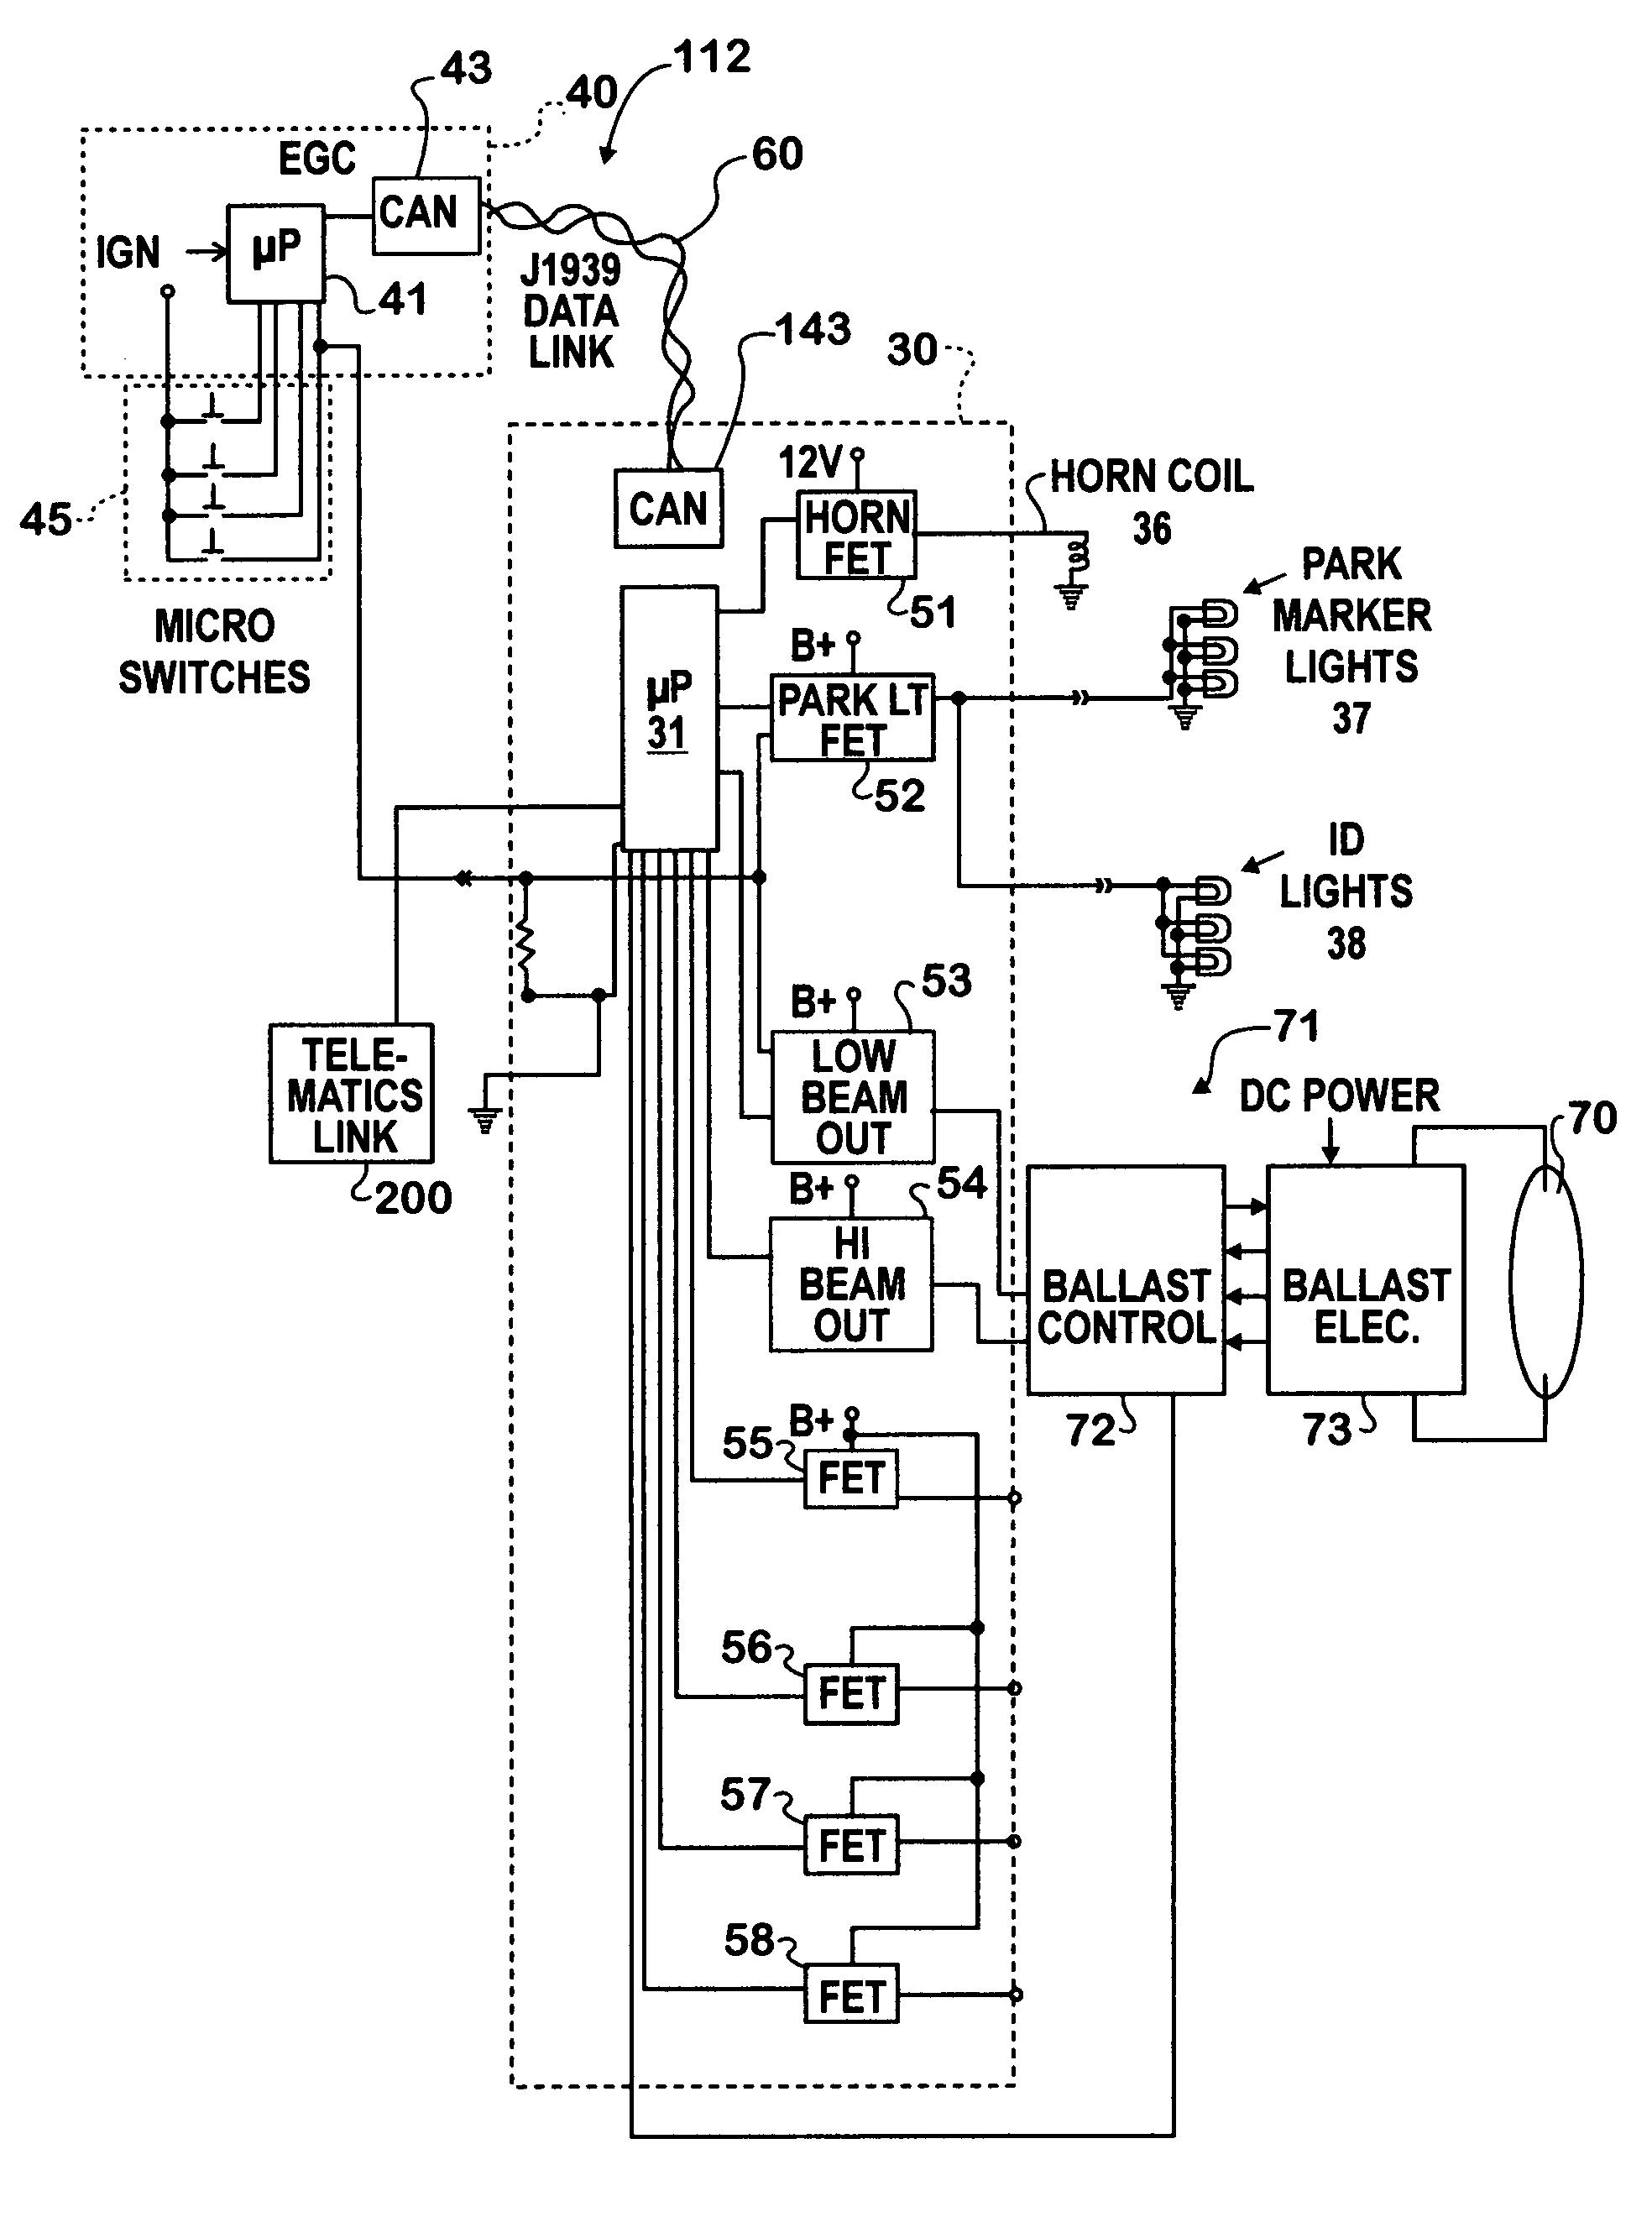 Cool hid kia spectra circuit diagrams on kia spectra manual problems with kia spectra problems